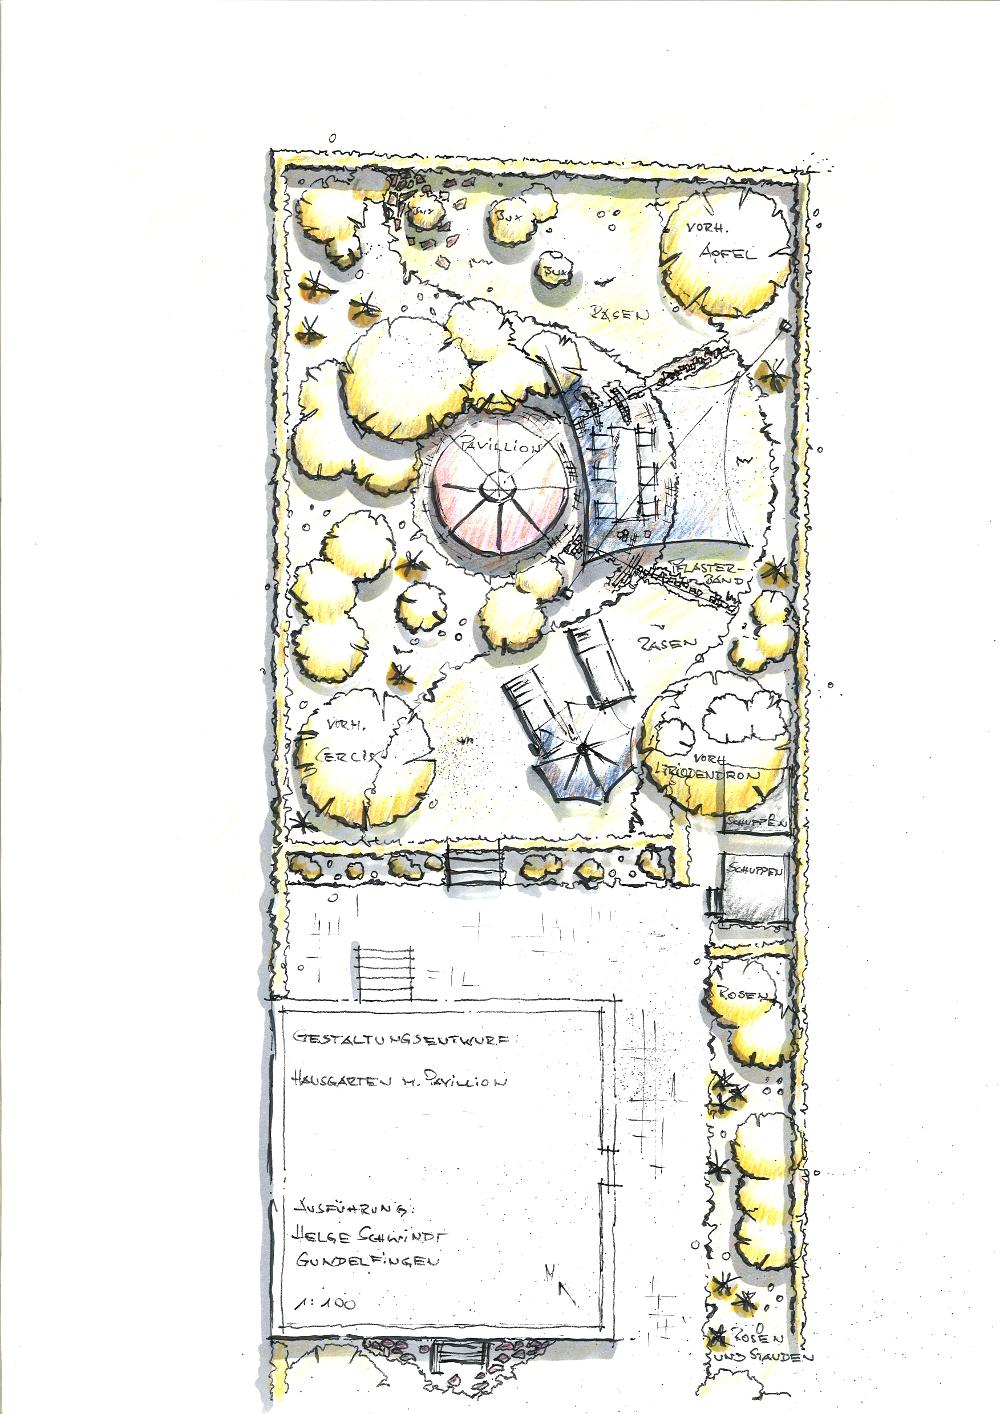 Gartenplanung: Wohngarten mit Pavillon von Hainbuchen-Hecken gerahmt